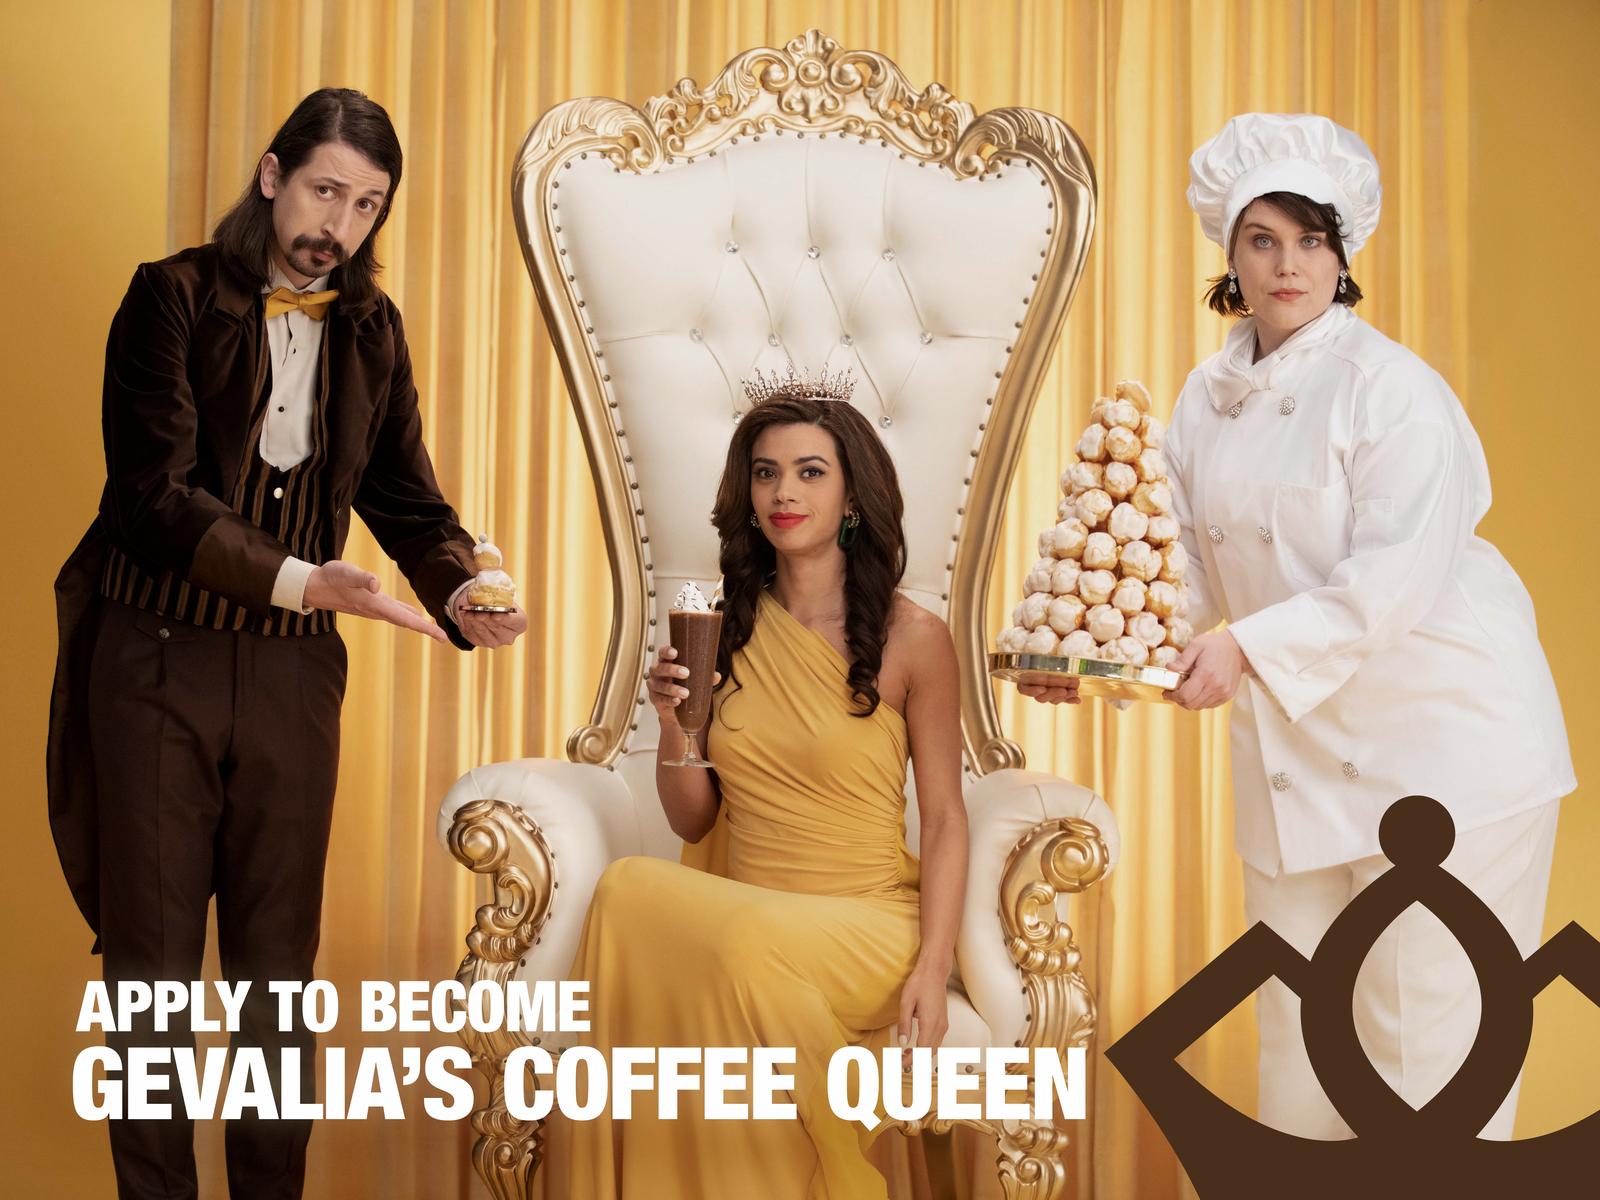 Gevalia-coffee-queen.png